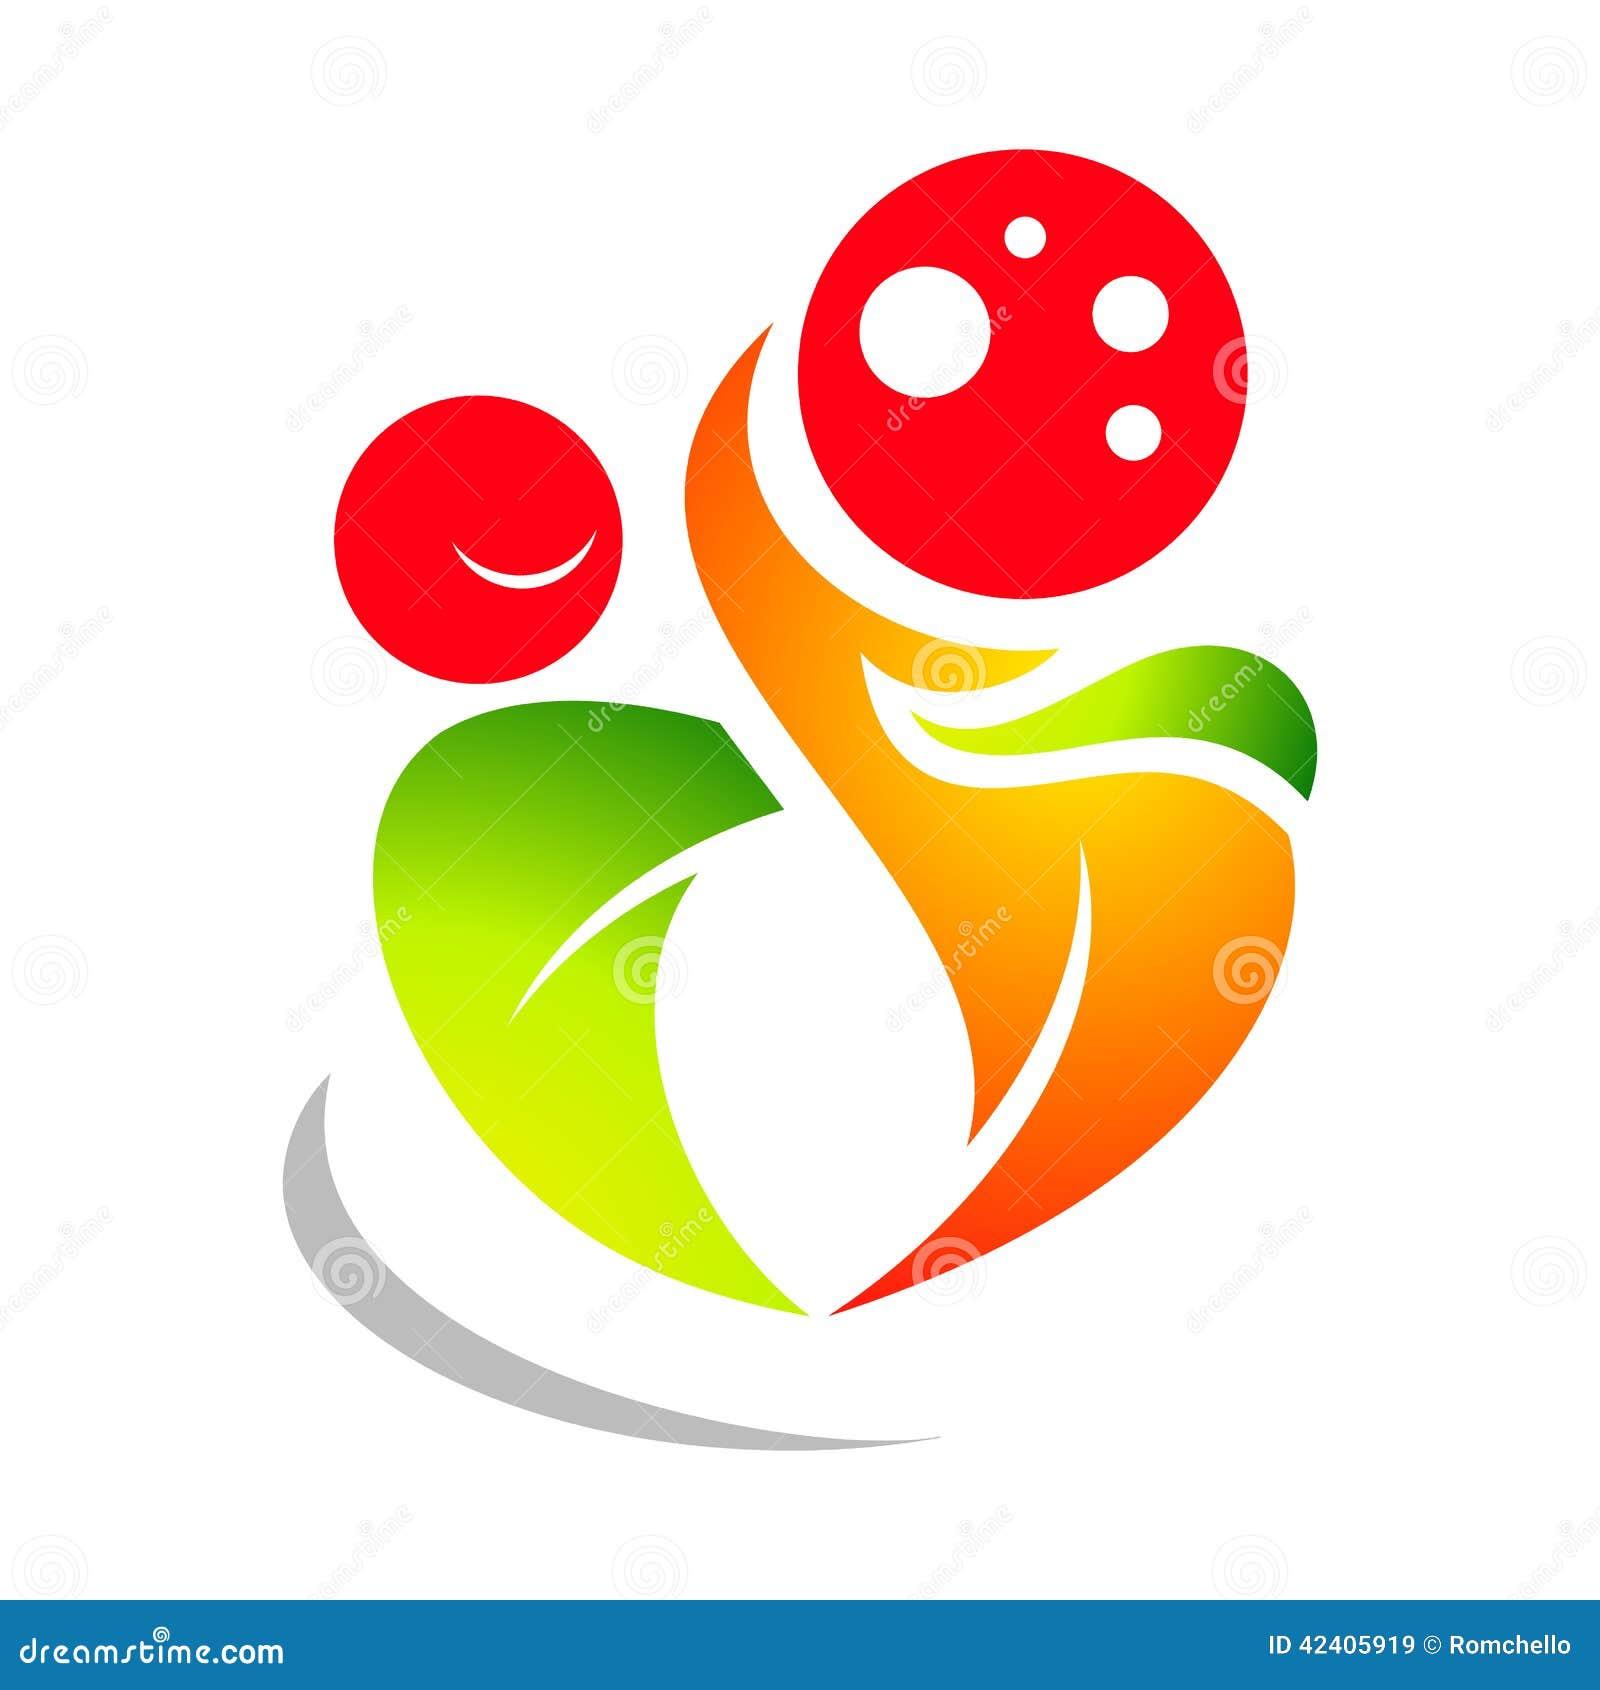 Más imágenes similares de ` Logotipo de la pizza del baile `